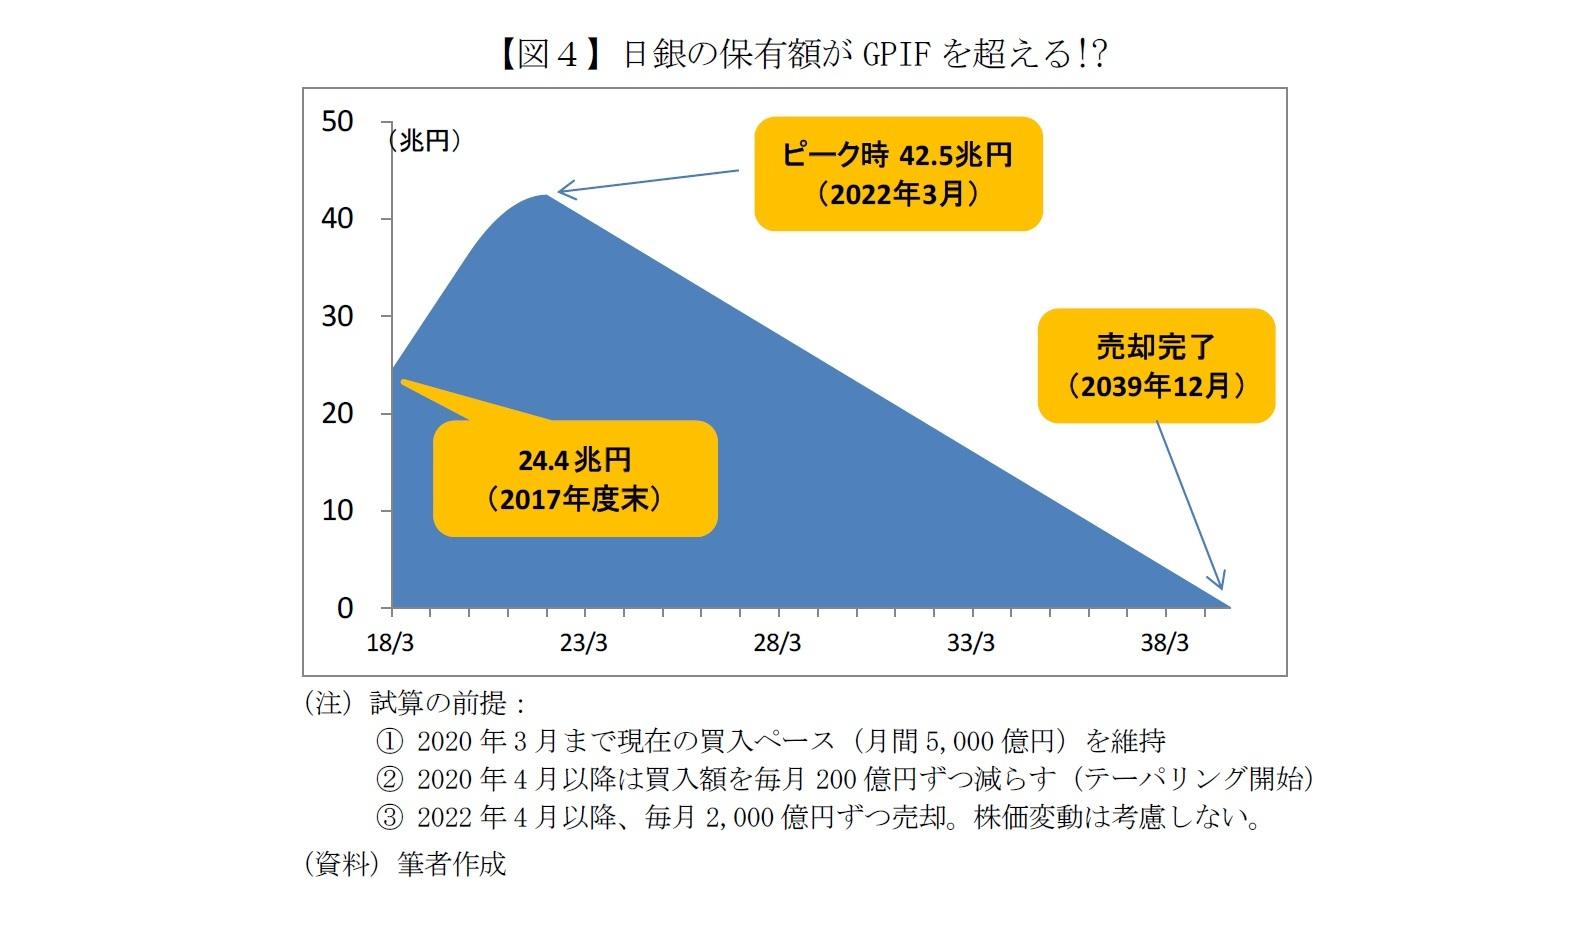 【図4】日銀の保有額がGPIFを超える!?